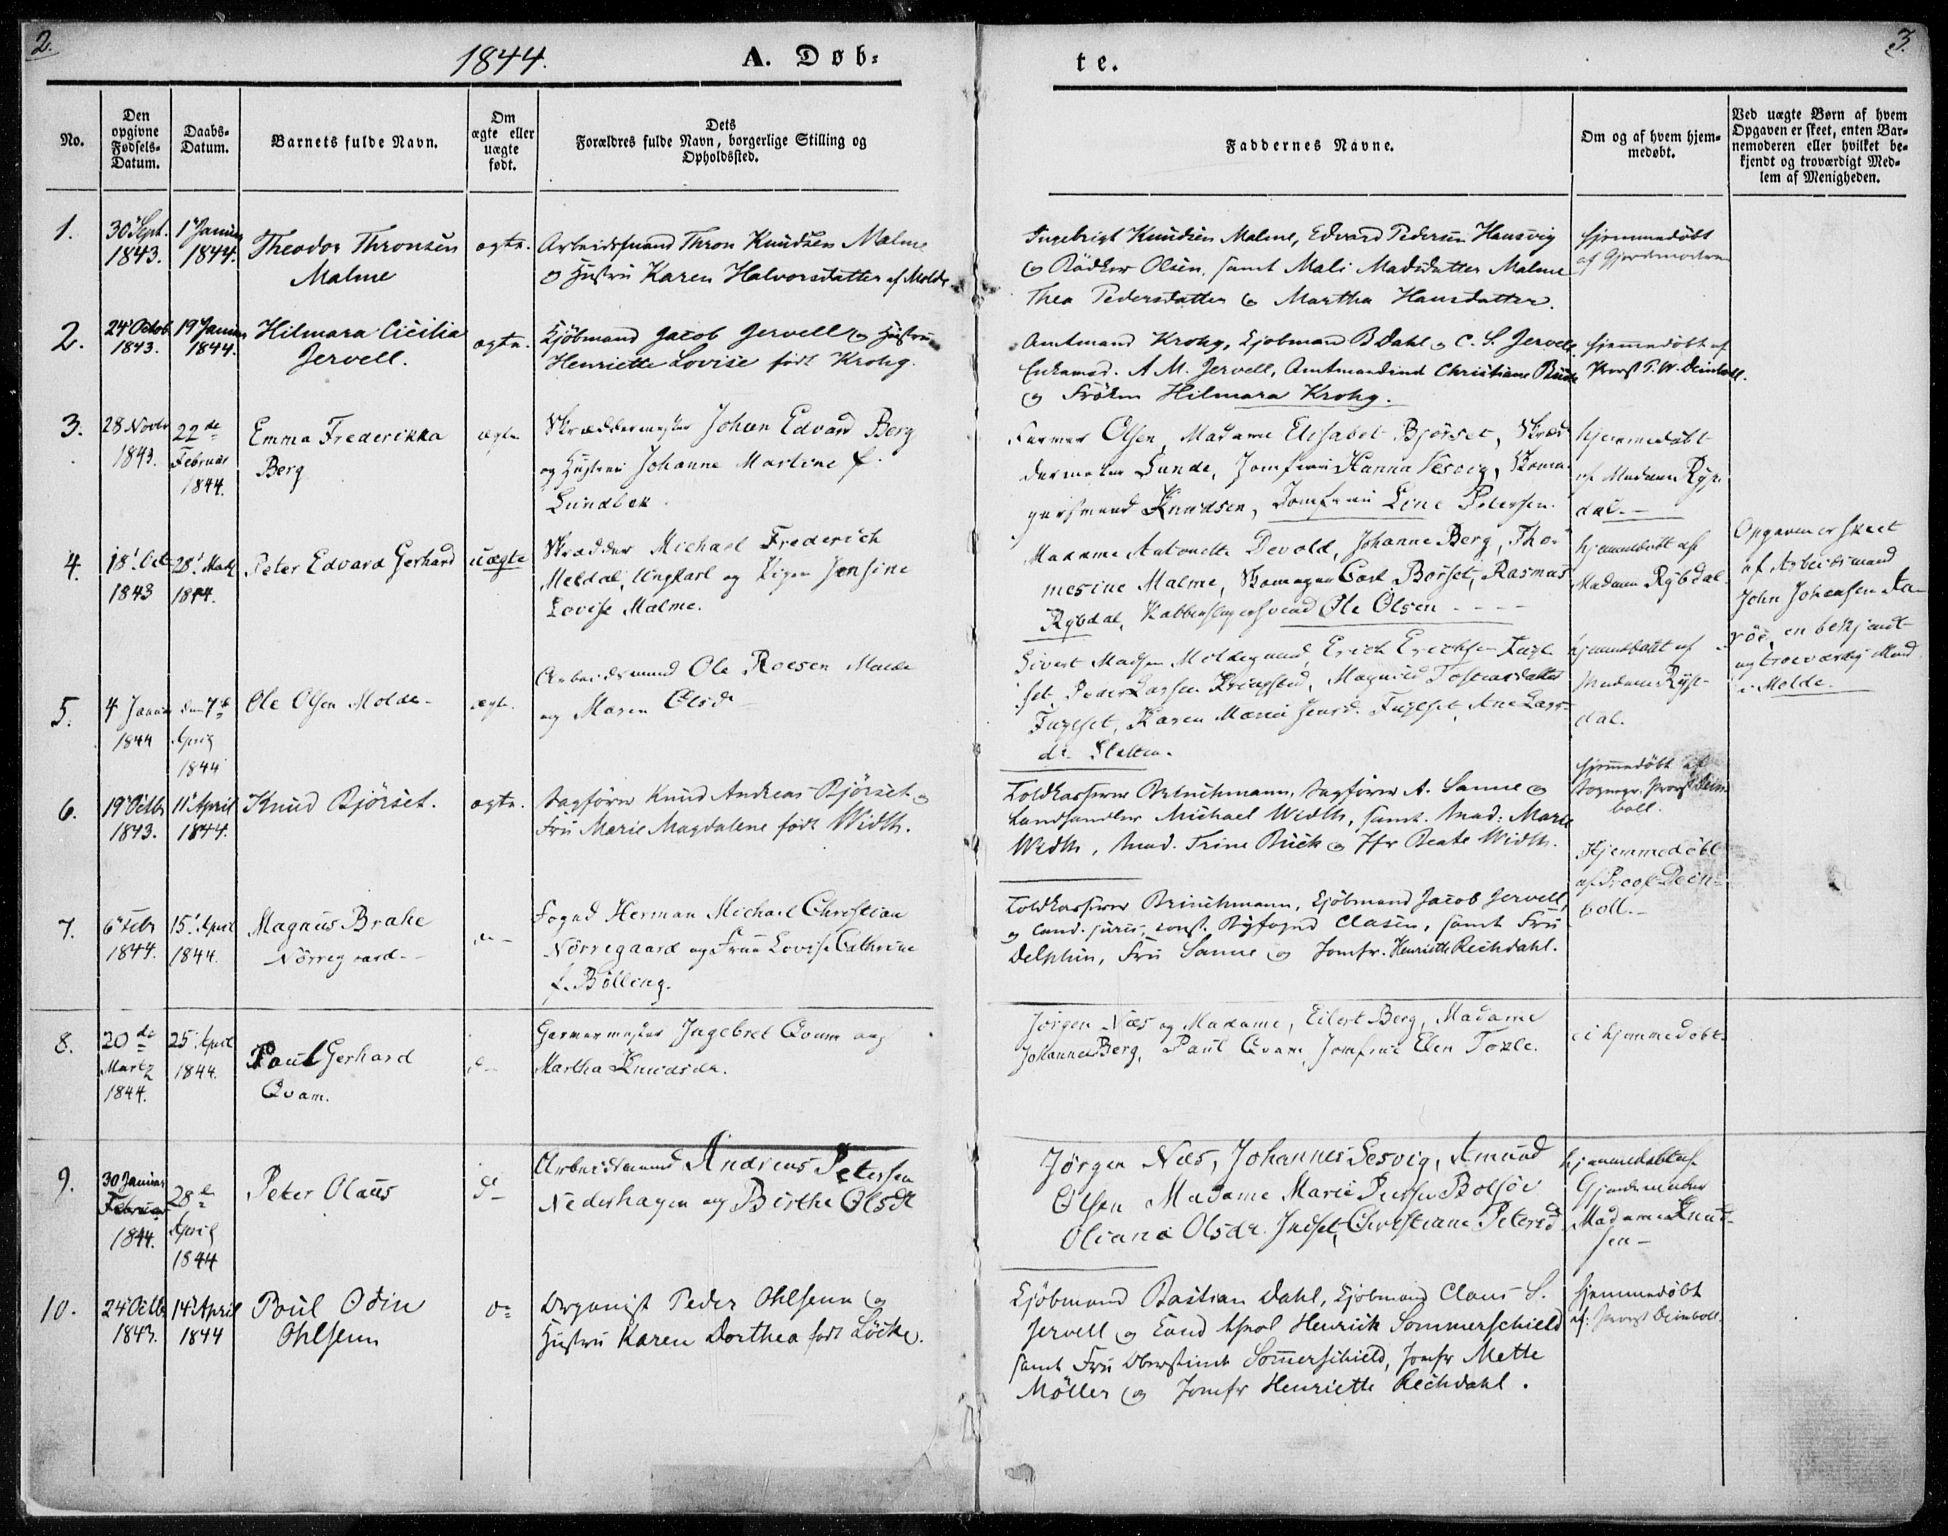 SAT, Ministerialprotokoller, klokkerbøker og fødselsregistre - Møre og Romsdal, 558/L0689: Parish register (official) no. 558A03, 1843-1872, p. 2-3